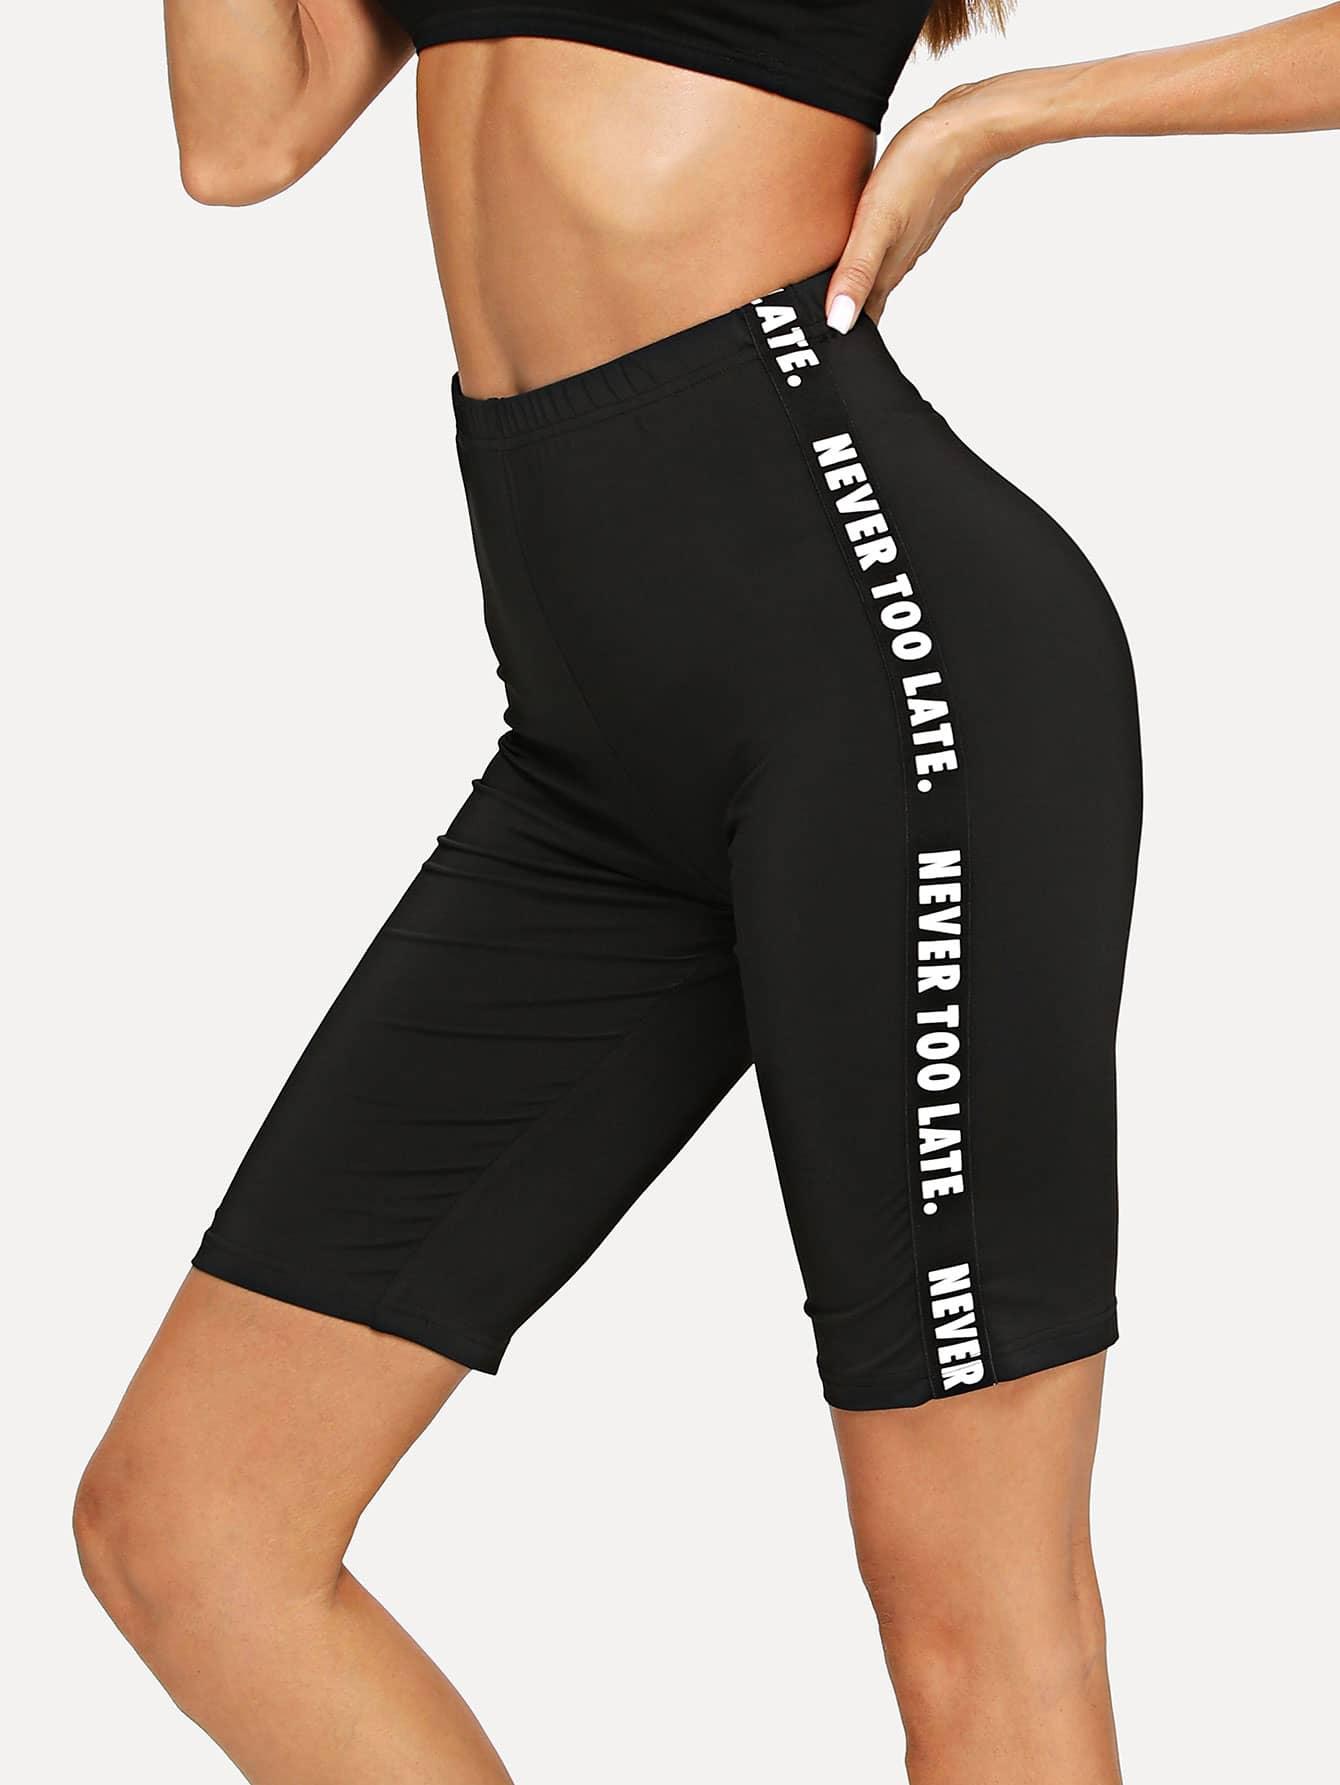 Letter Print Leggings Shorts